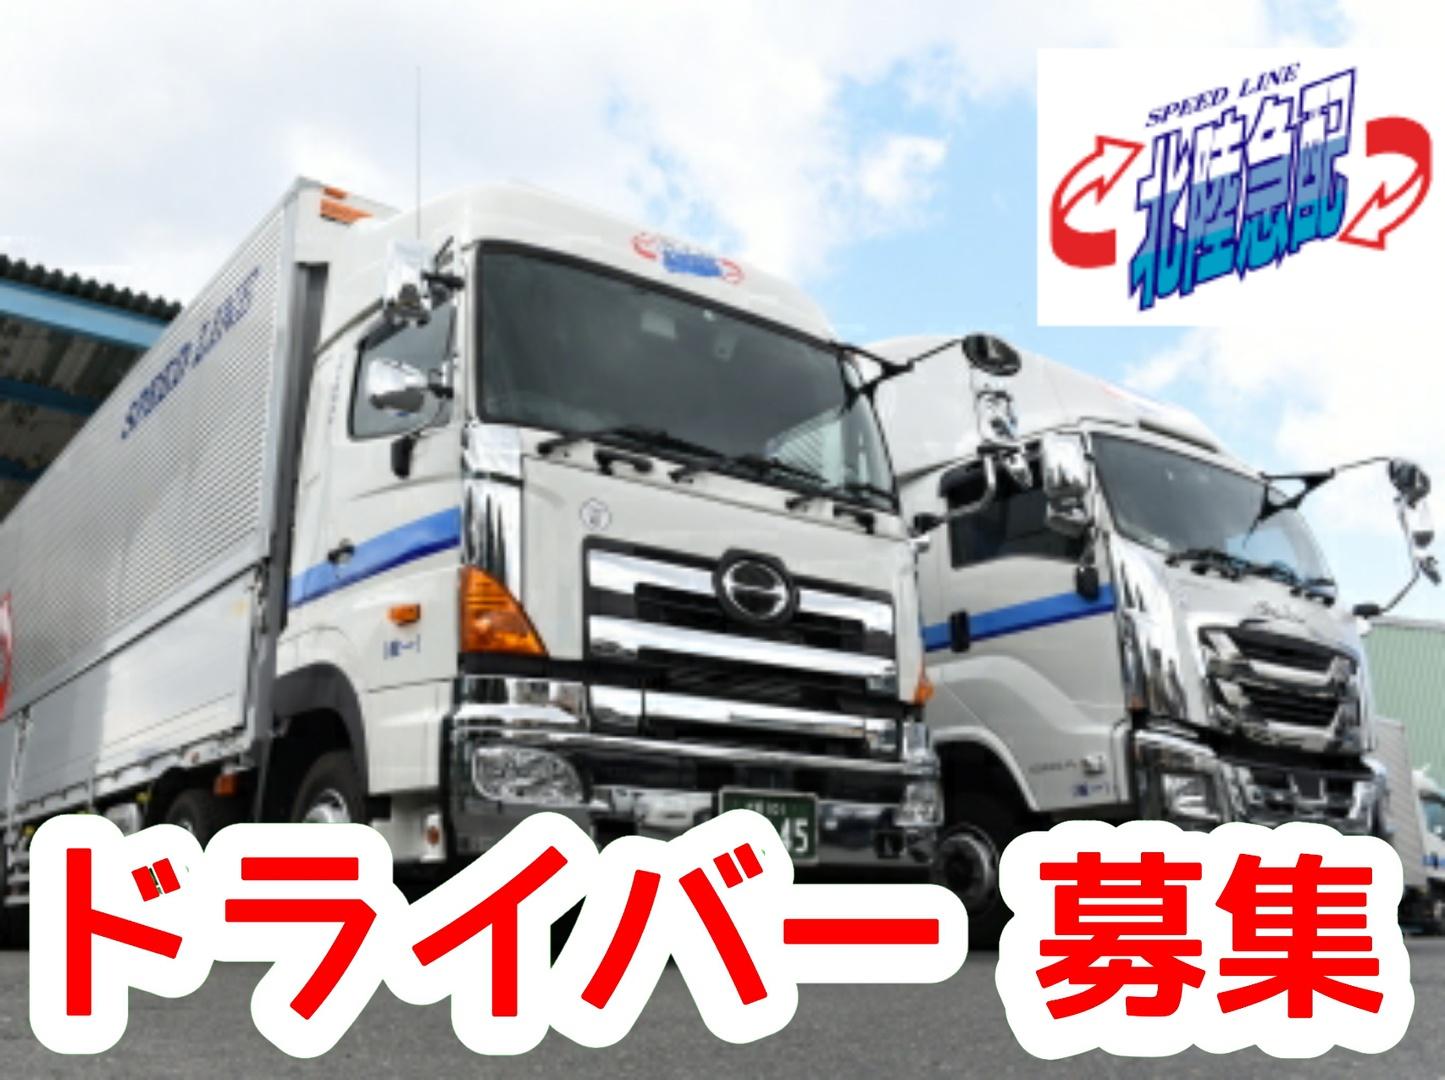 大阪北陸急配株式会社 福井営業所(2tトラック)